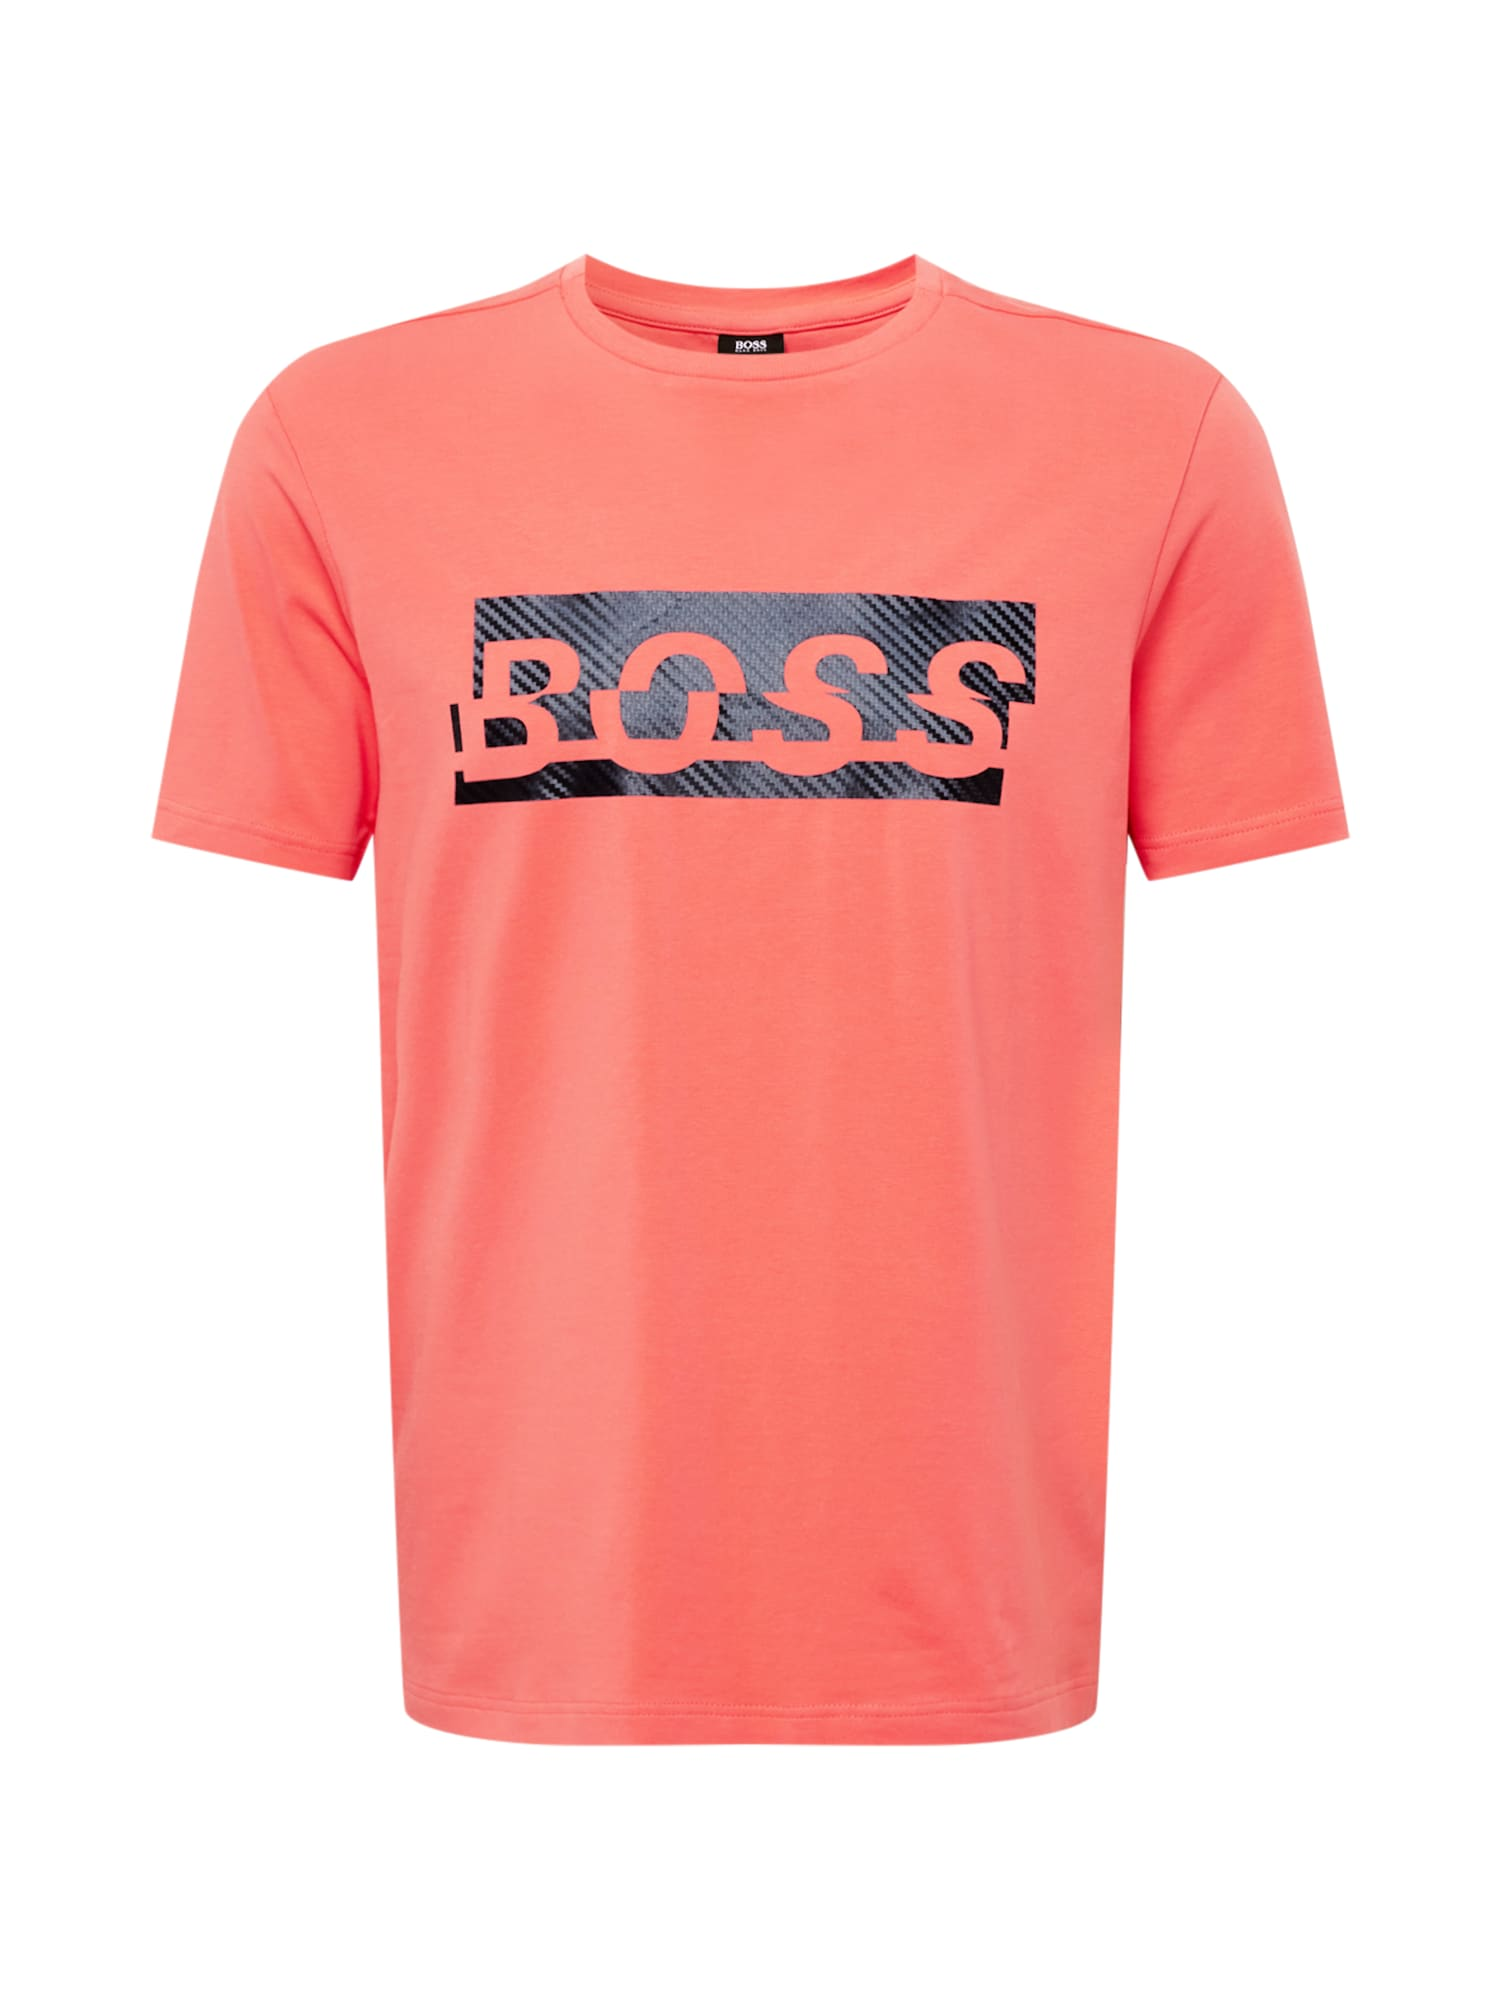 BOSS ATHLEISURE Marškinėliai melionų spalva / juoda